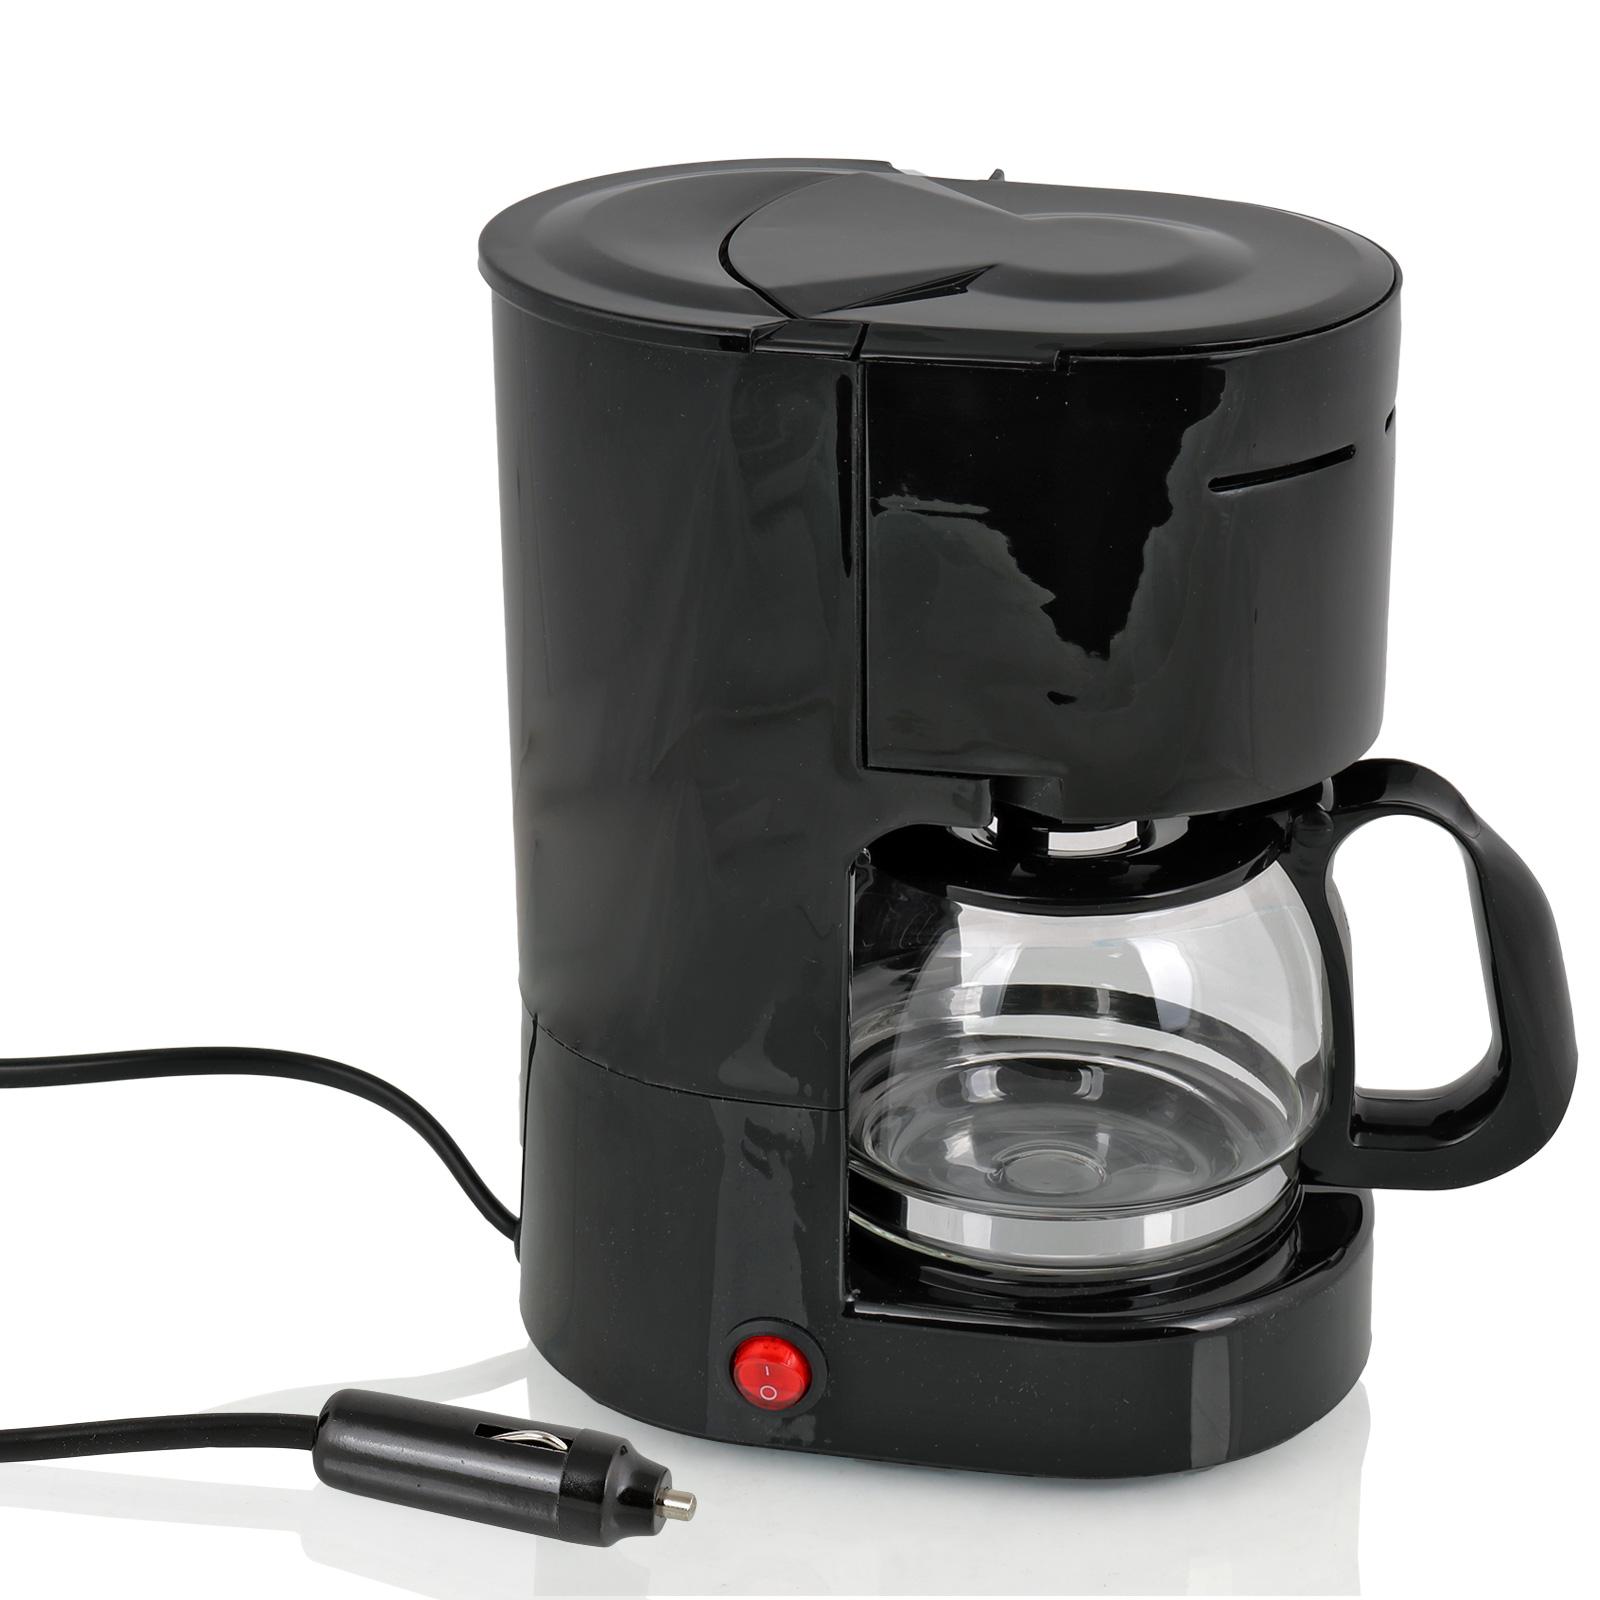 Kaffemaschine 12 Volt 170 Watt, 6 Tassen, Dauerfilter, Glaskanne